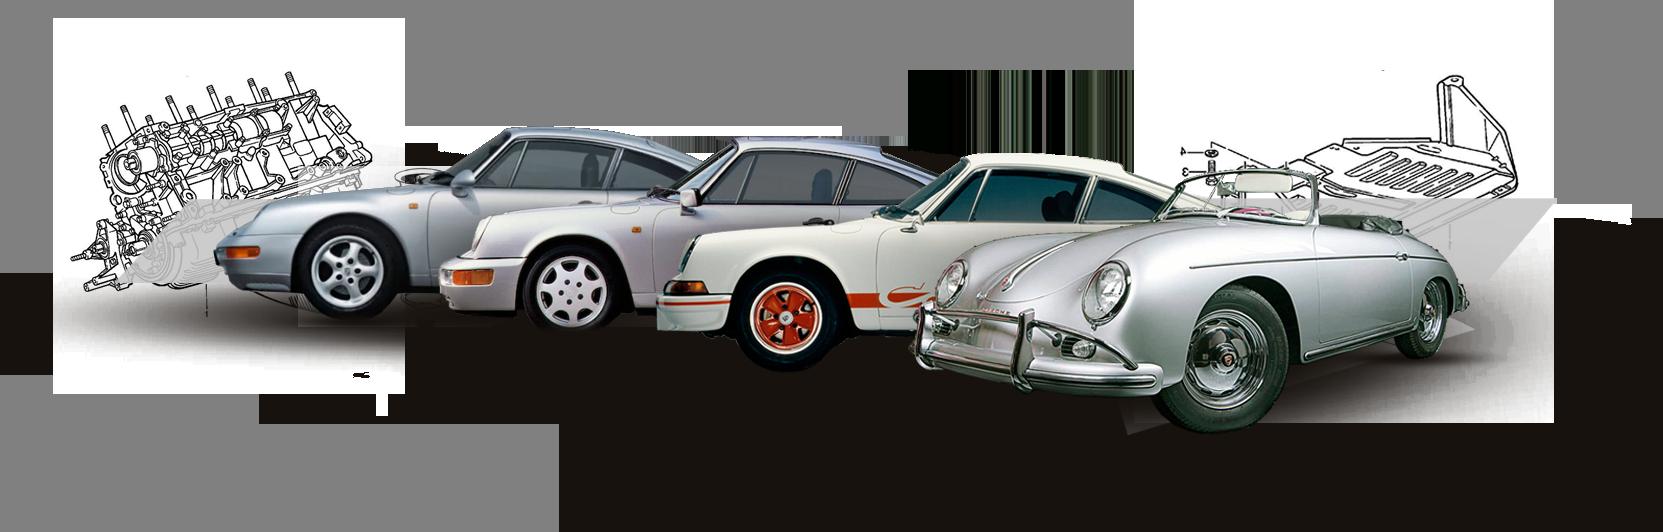 Porche 911 & Porsche 365